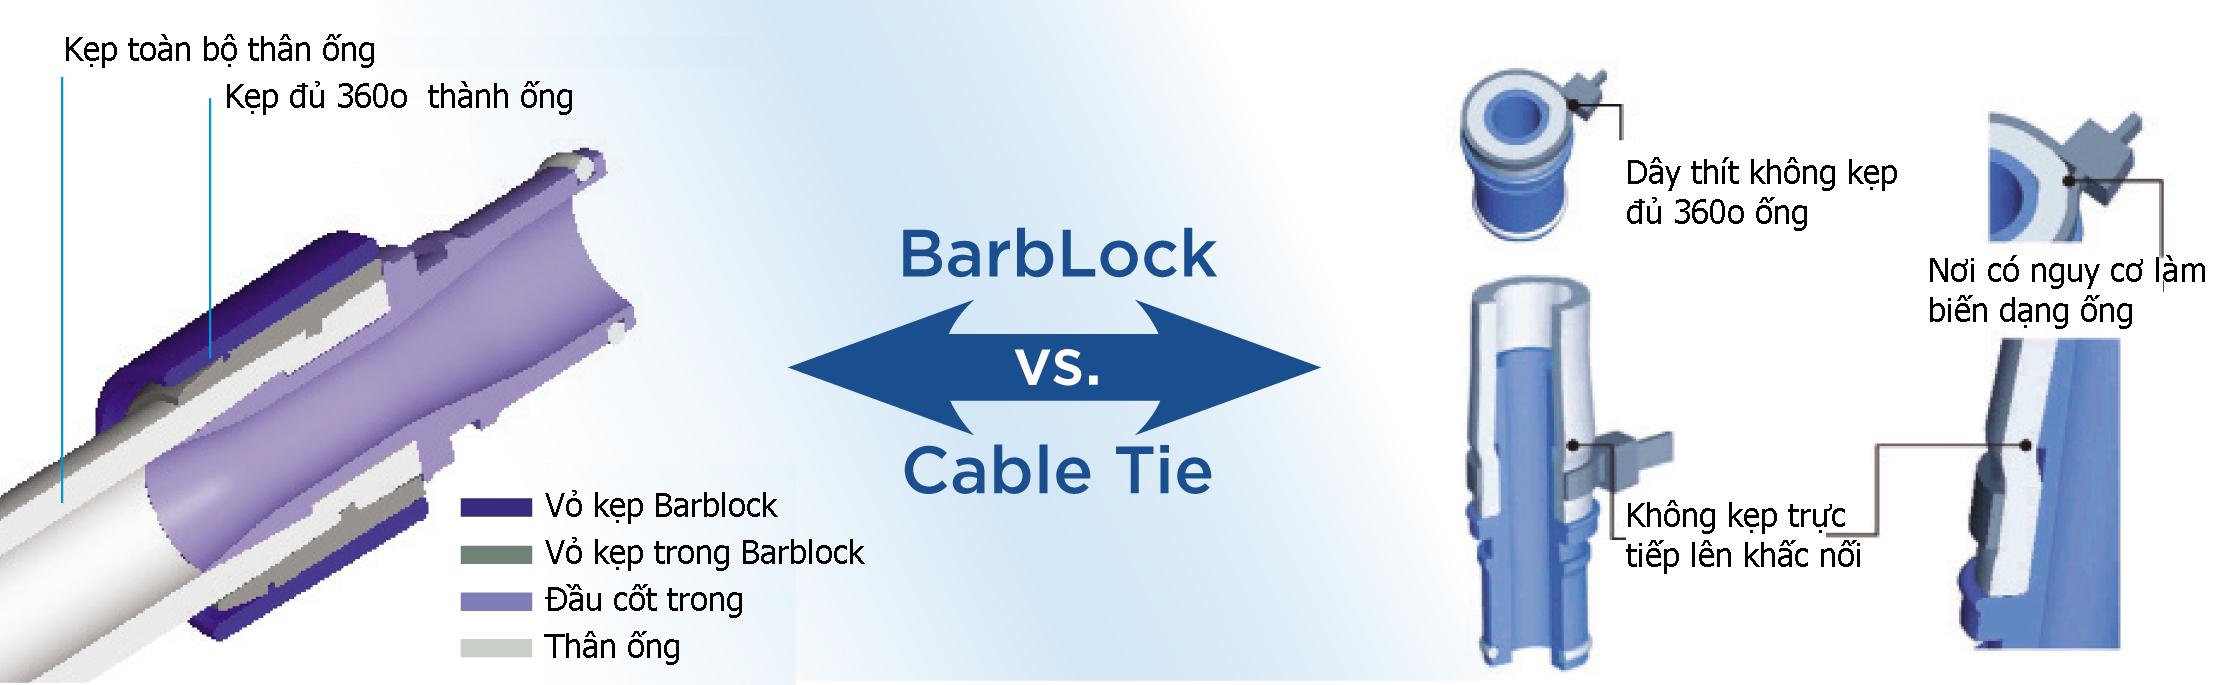 so sánh đầu kẹp giữ ống Barblock Saint-gobain với dây thít